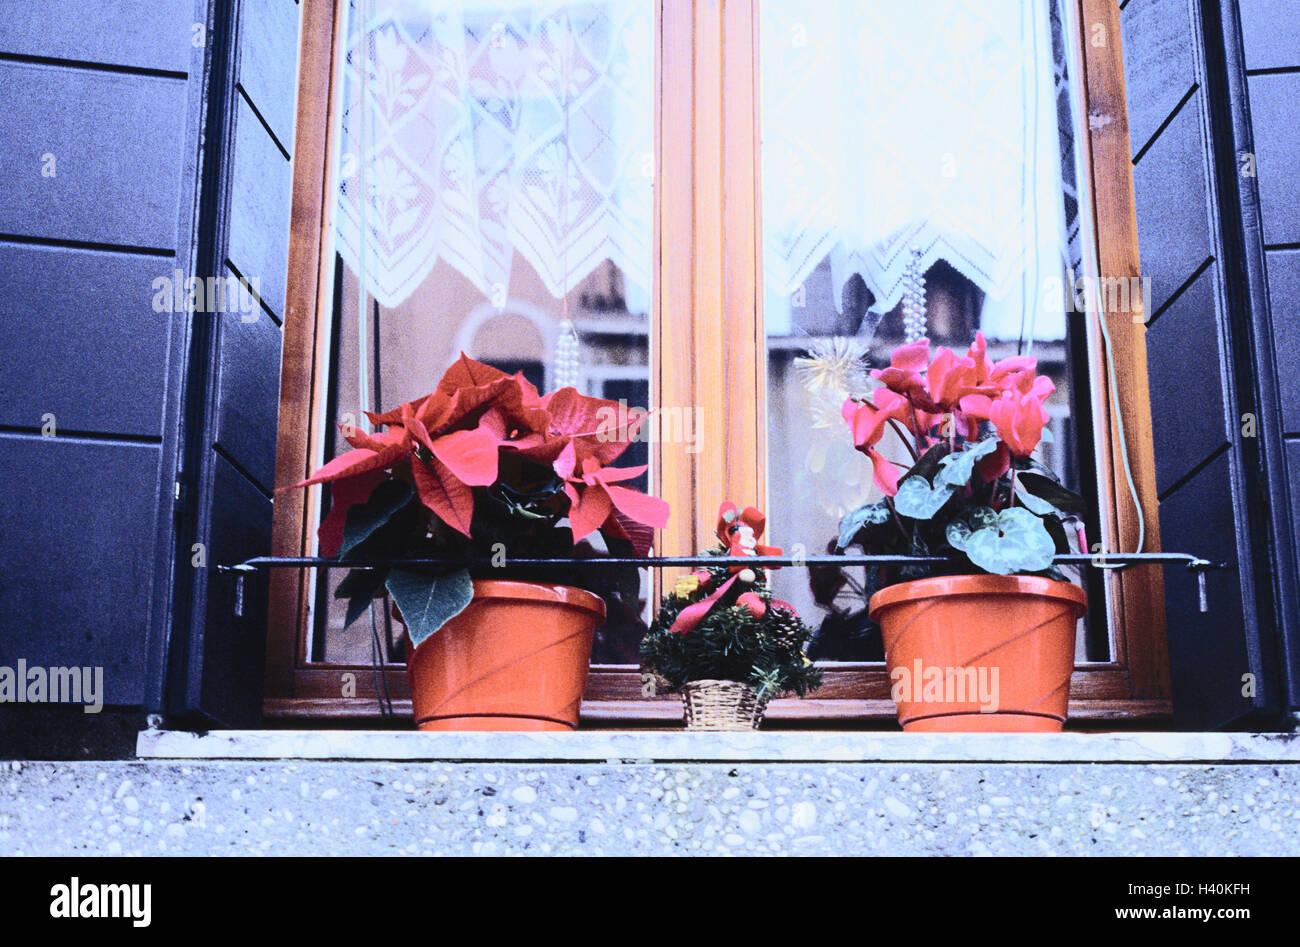 Etoile De Noel Plante Exterieur l'italie, yule marée, bâtiment, sill, plantes en pot, arbre